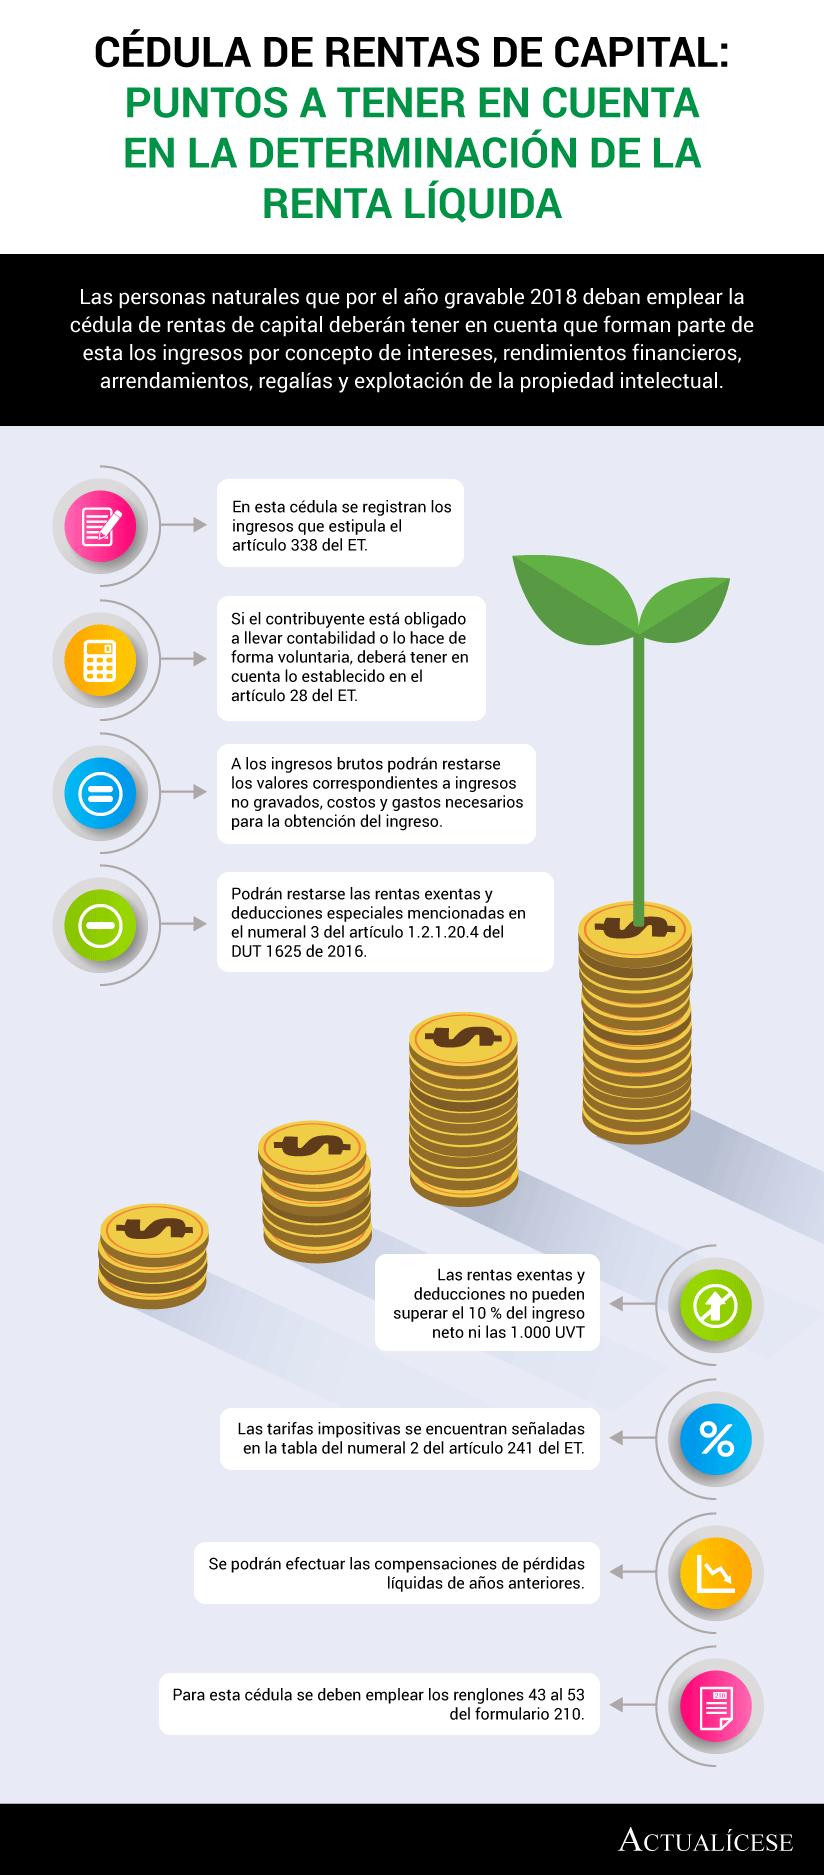 [Infografía] Cédula de rentas de capital: puntos a tener en cuenta en la determinación de la renta líquida